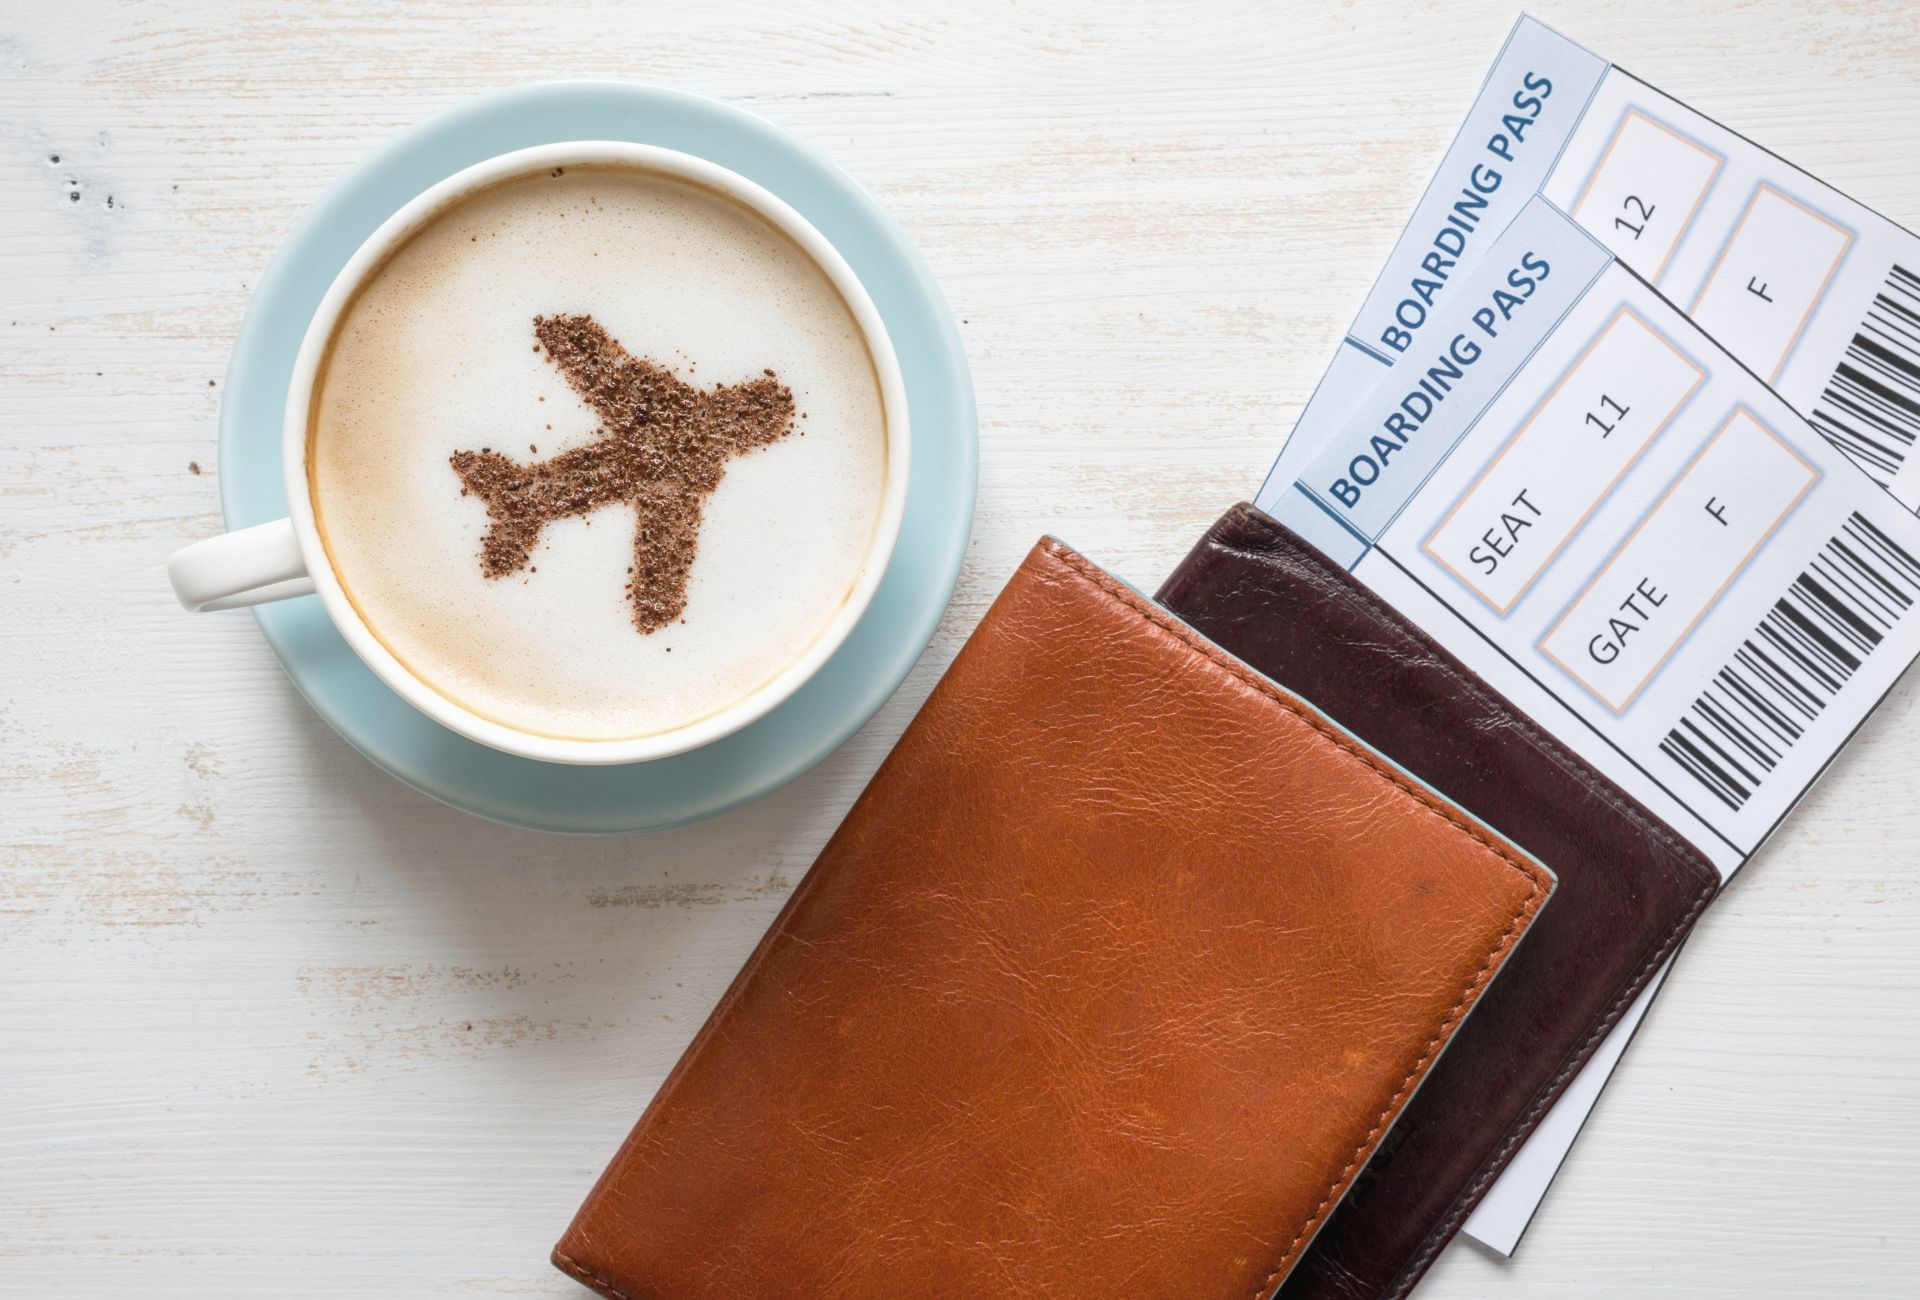 Passagens aéreas, passaportes e uma xícara de café